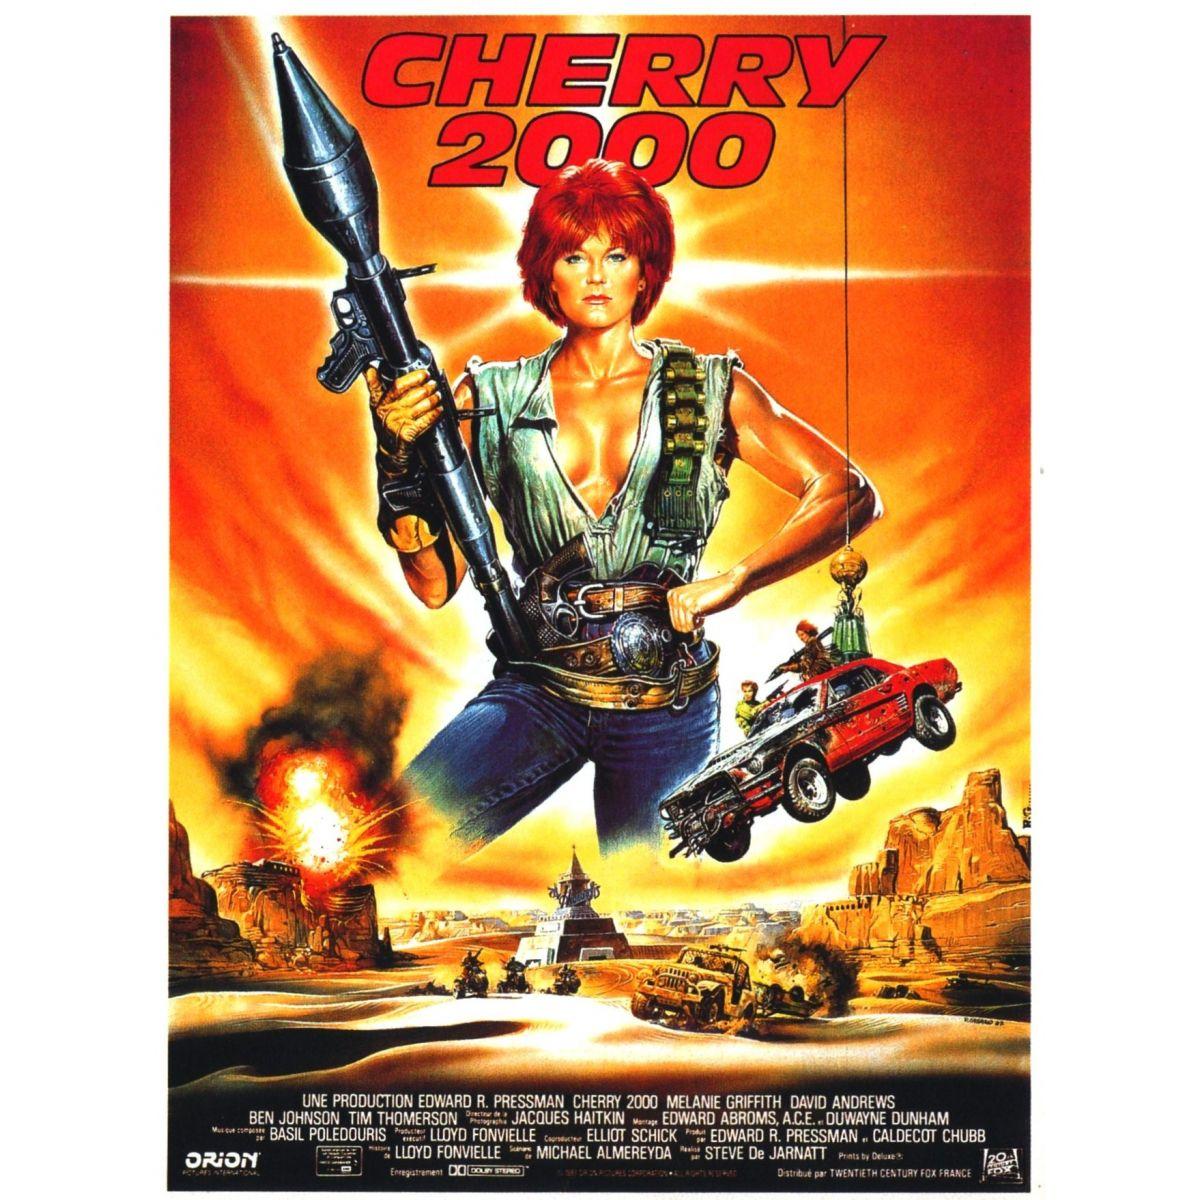 CHERRY 2000 (1987)  - FILMES RAROS EM DVD